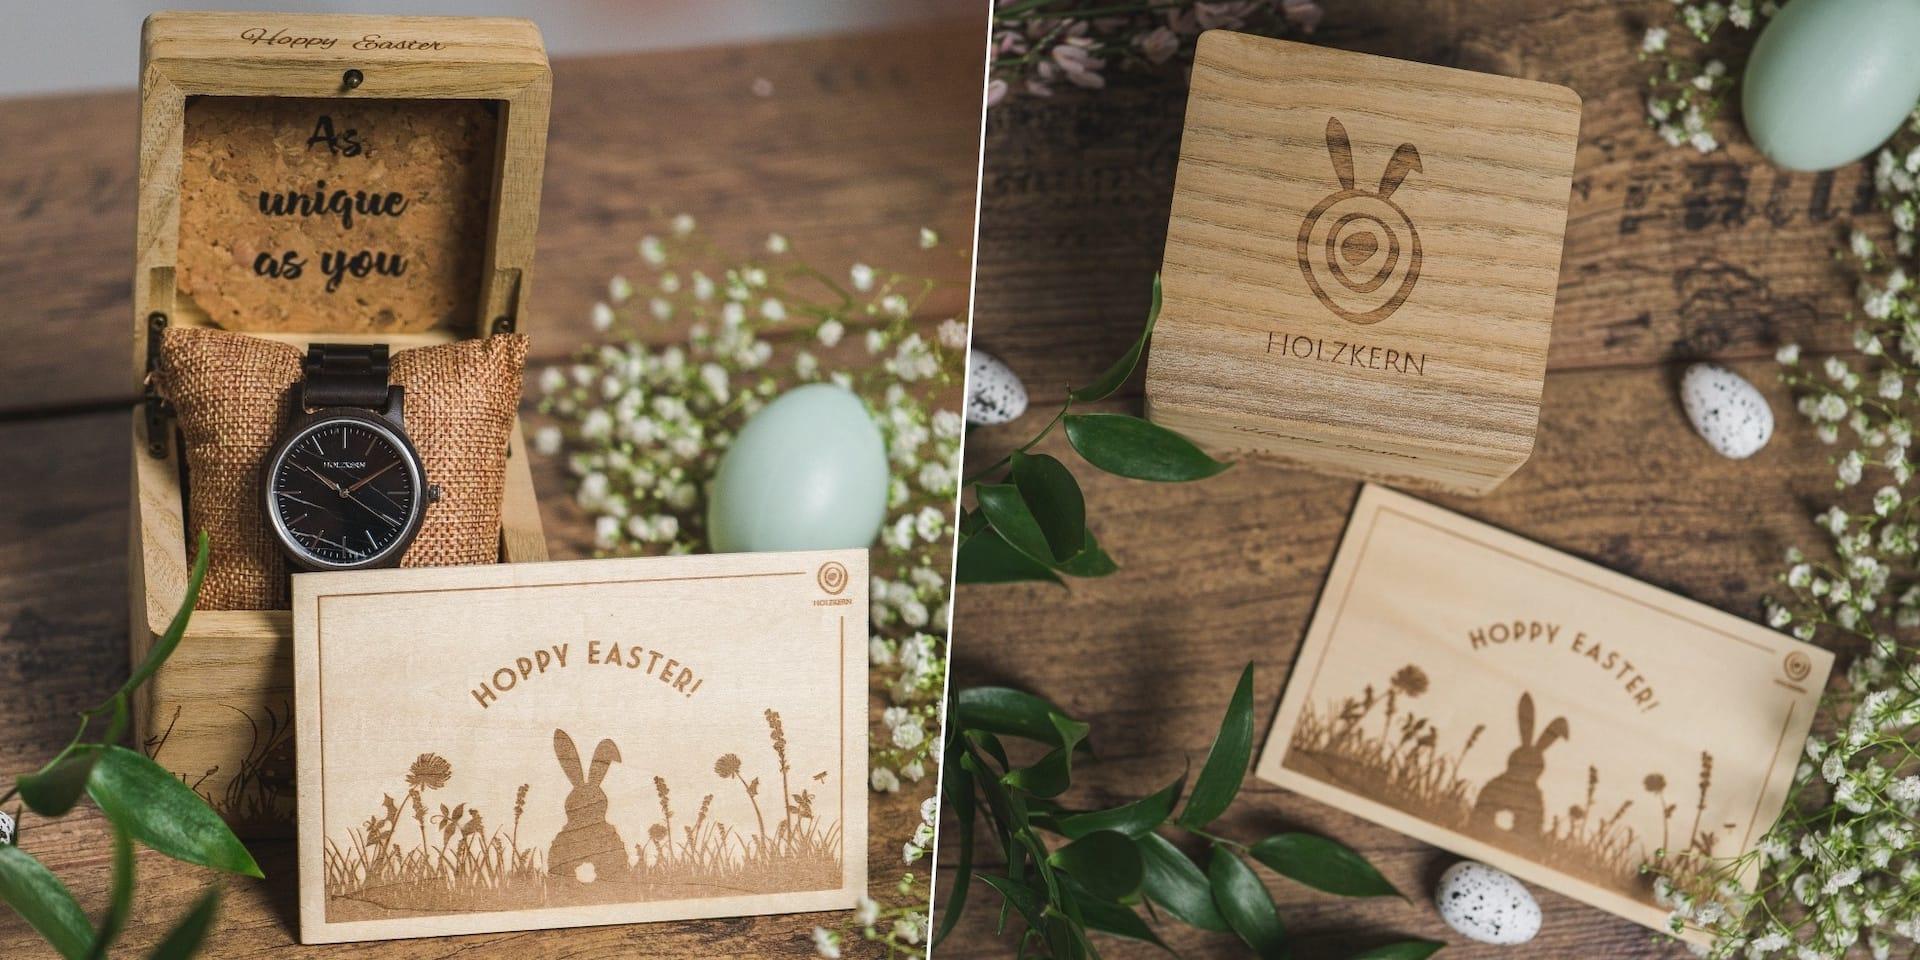 Descubre el huevo de Pascua de Holzkern